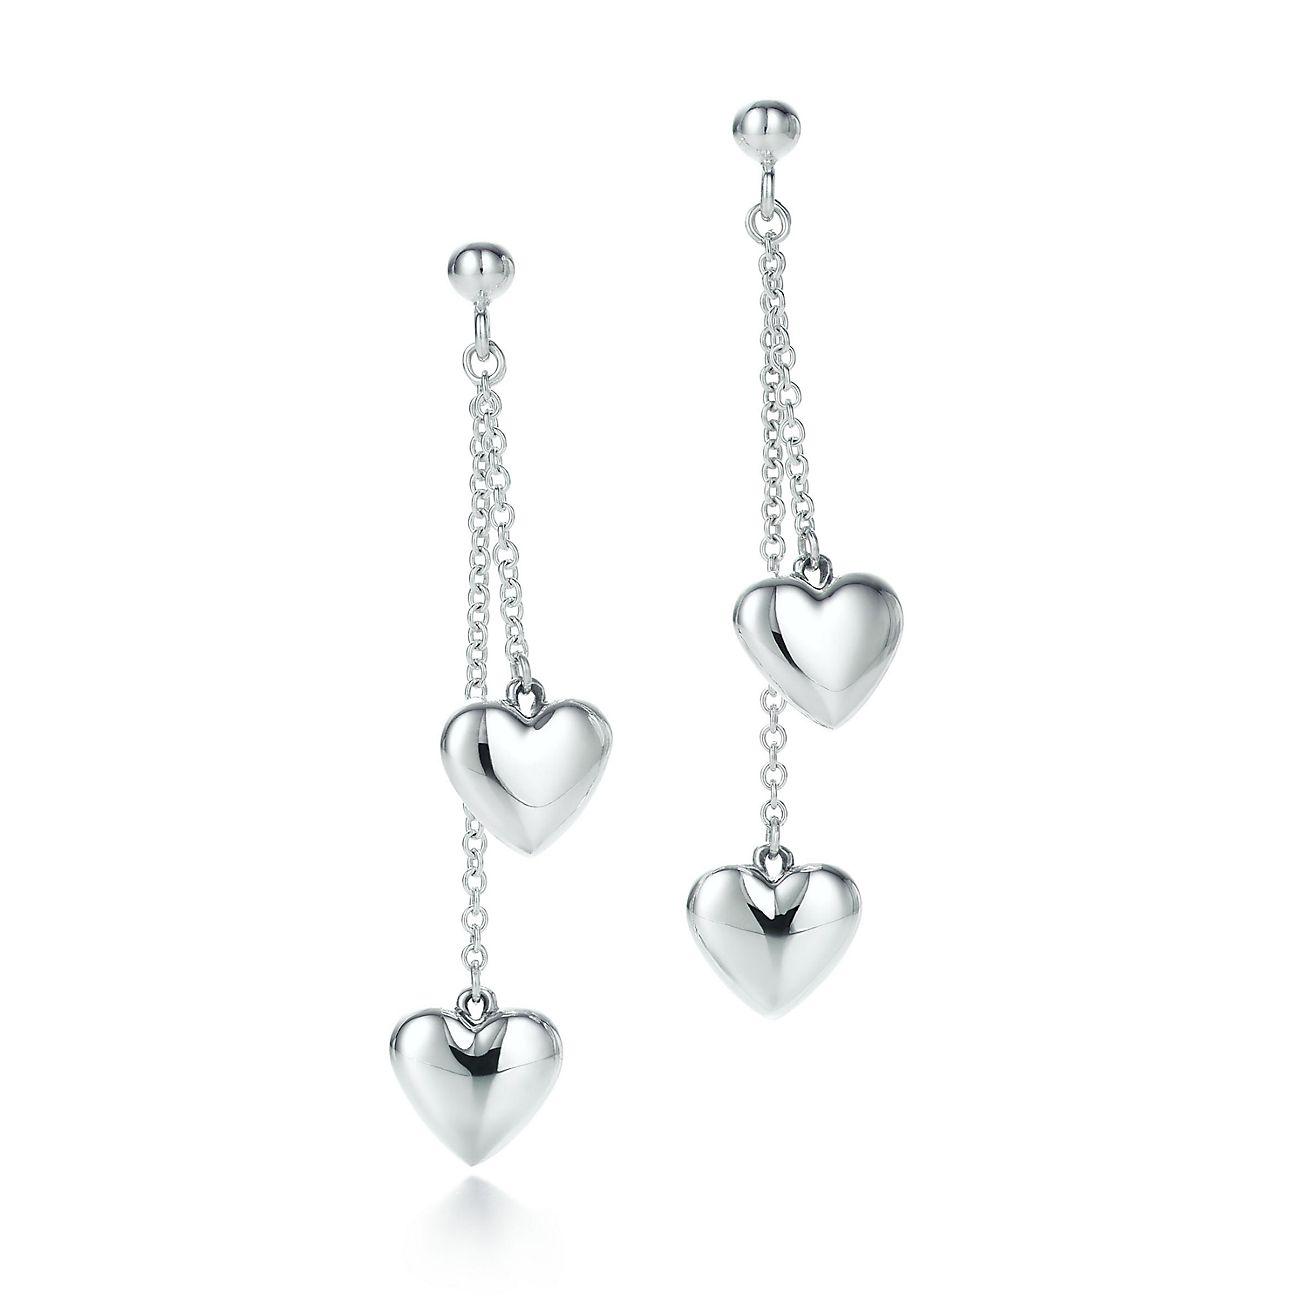 Double Heart Earrings TopEarrings – Tiffany Chandelier Earrings